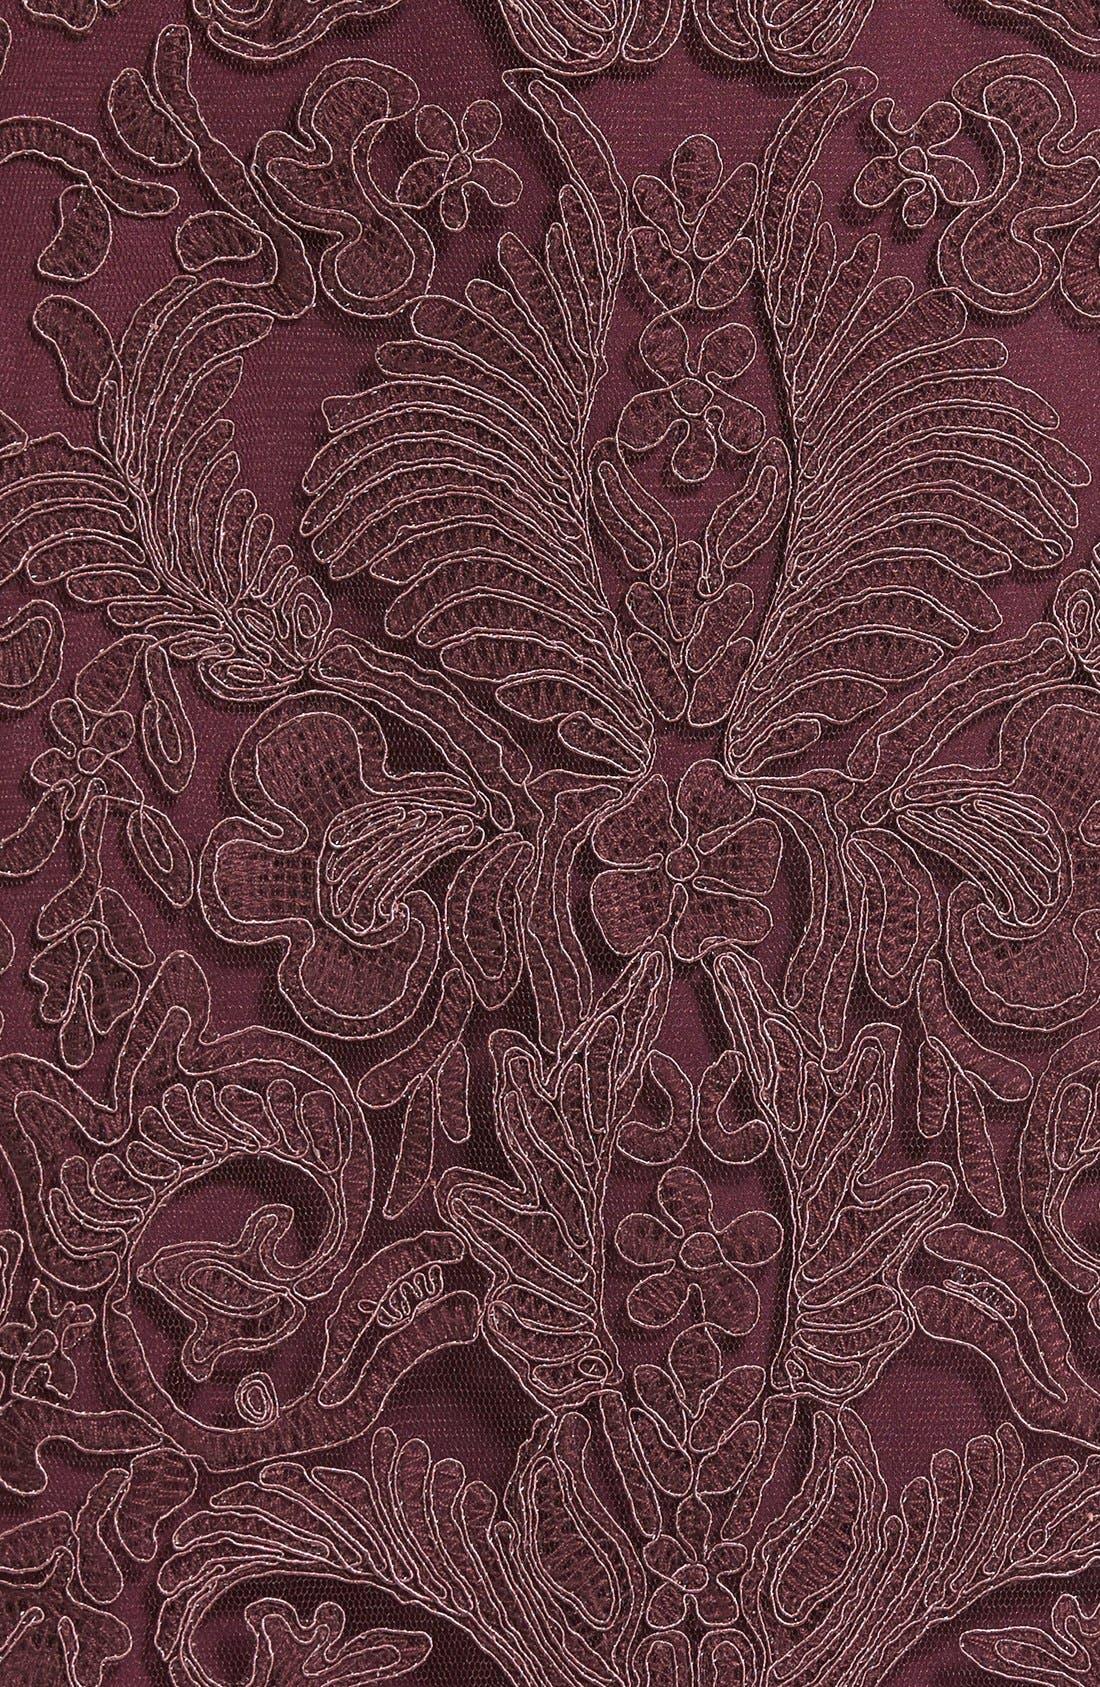 Illusion Yoke Lace Sheath Dress,                             Alternate thumbnail 111, color,